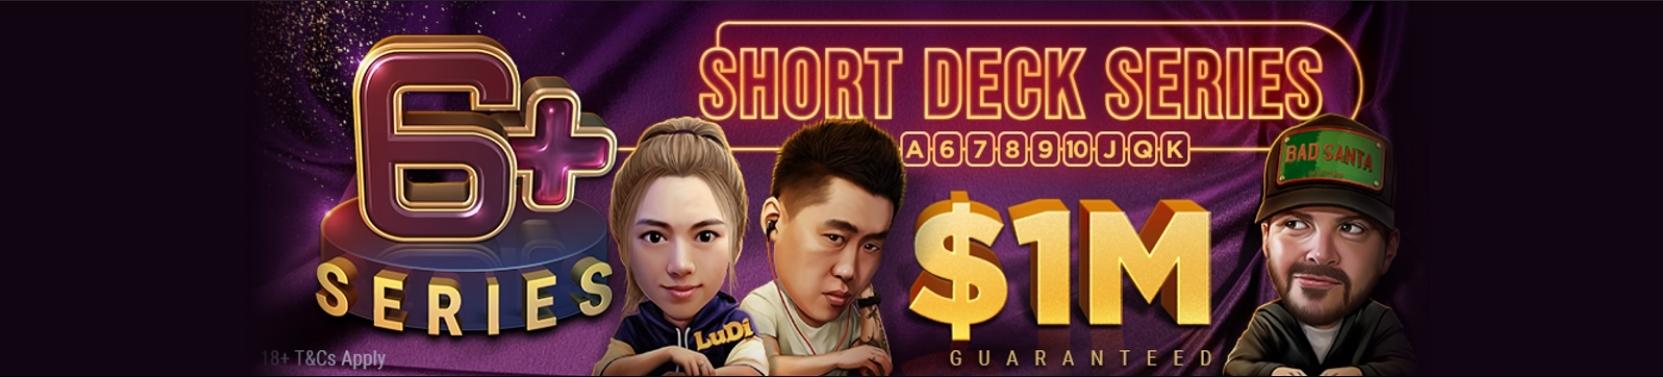 GG Short Deck